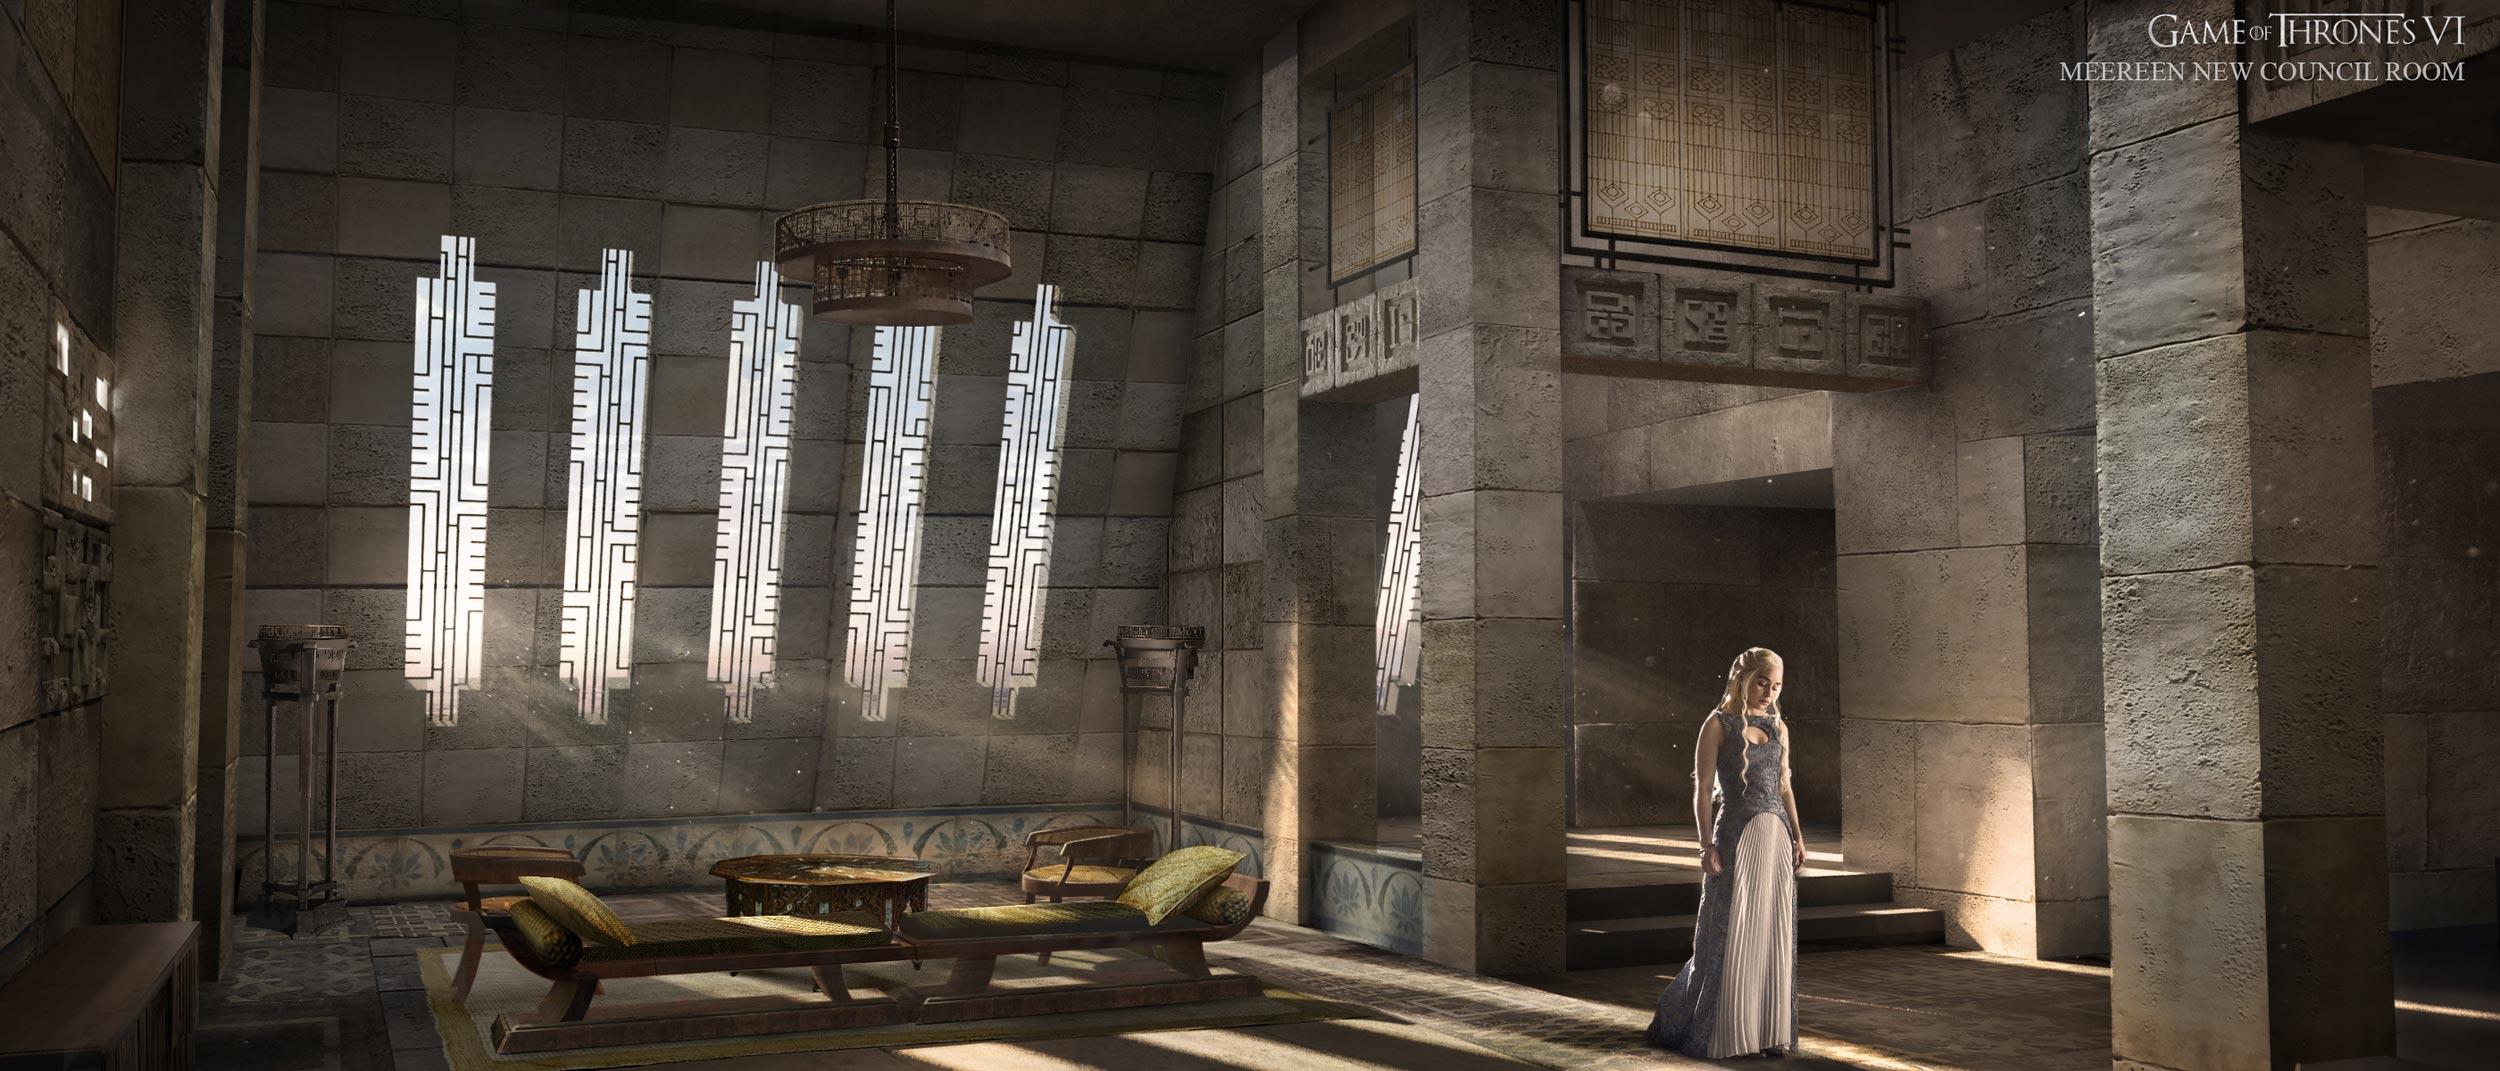 Game of thrones saison 6 d couvrez les concepts arts for Chambre de conseil